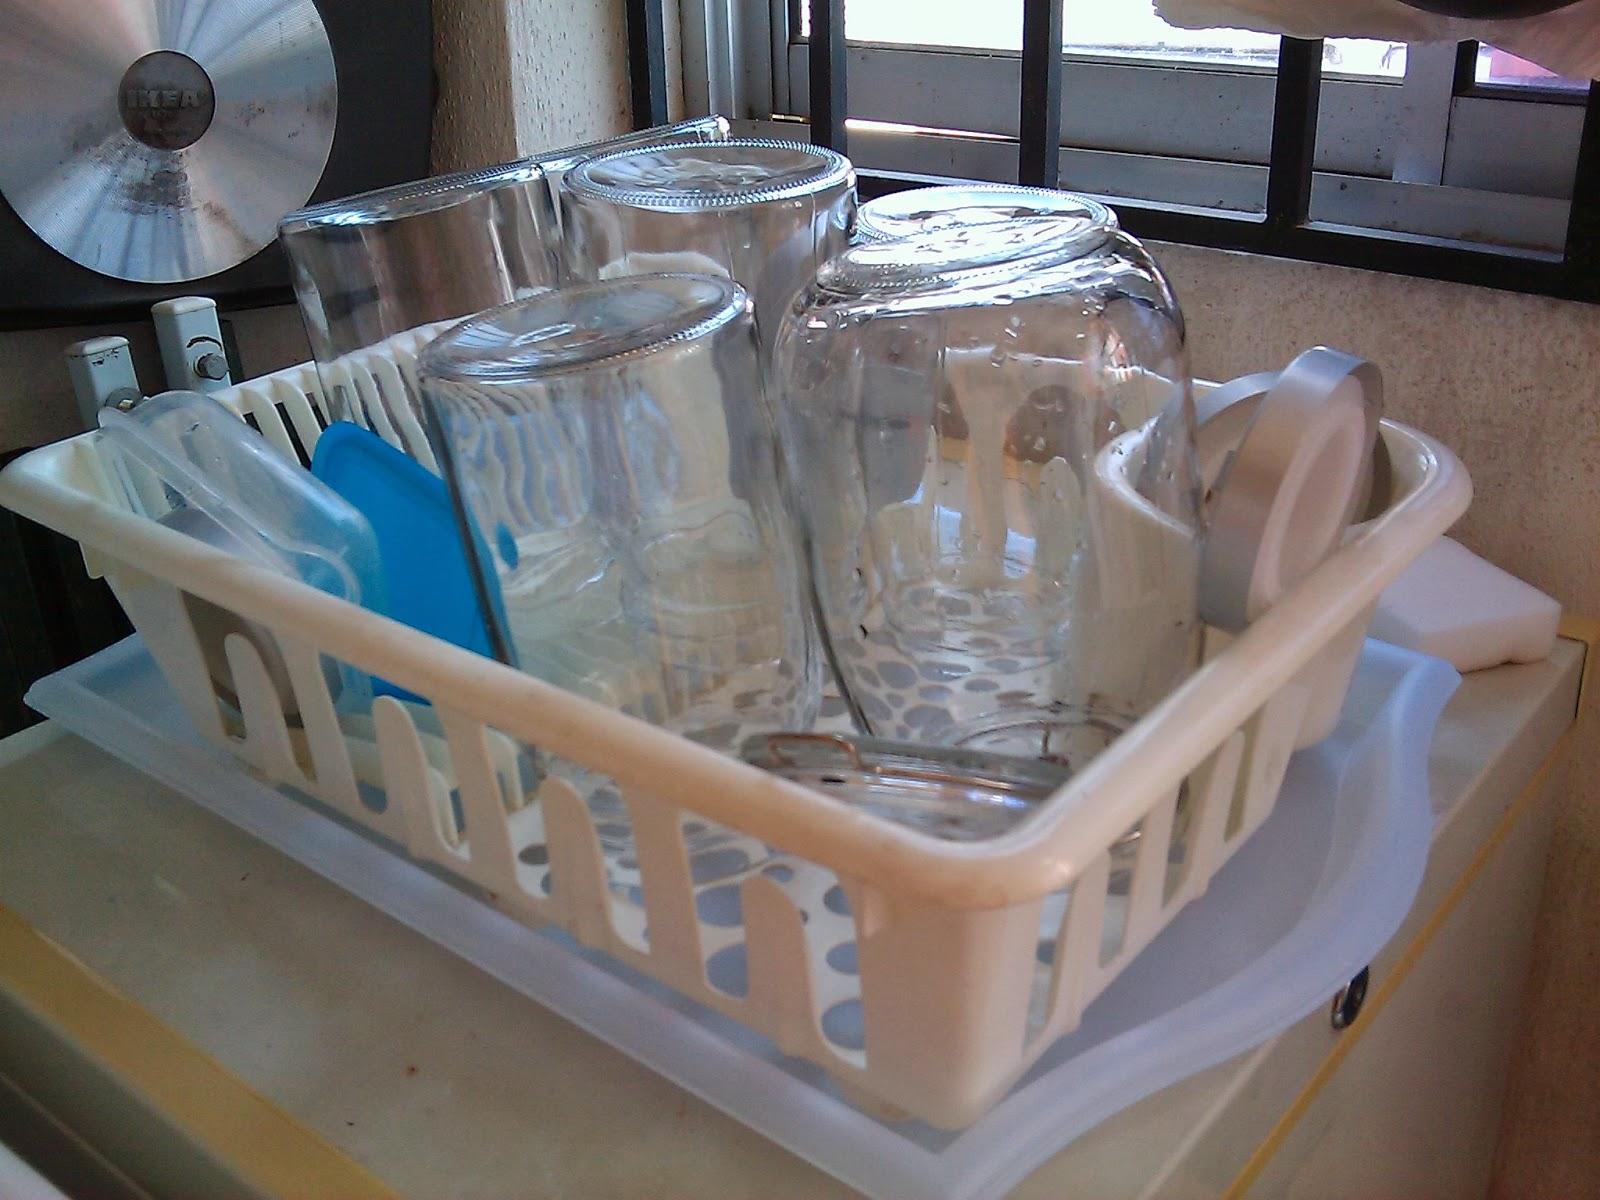 Fungsi 2 Saya Ada Lagi Satu Tempat Keringkan Pinggan Mangkuk Kat Ruang Laundry Pantry Dish Drainer Ni Letak Atas Box Freezer